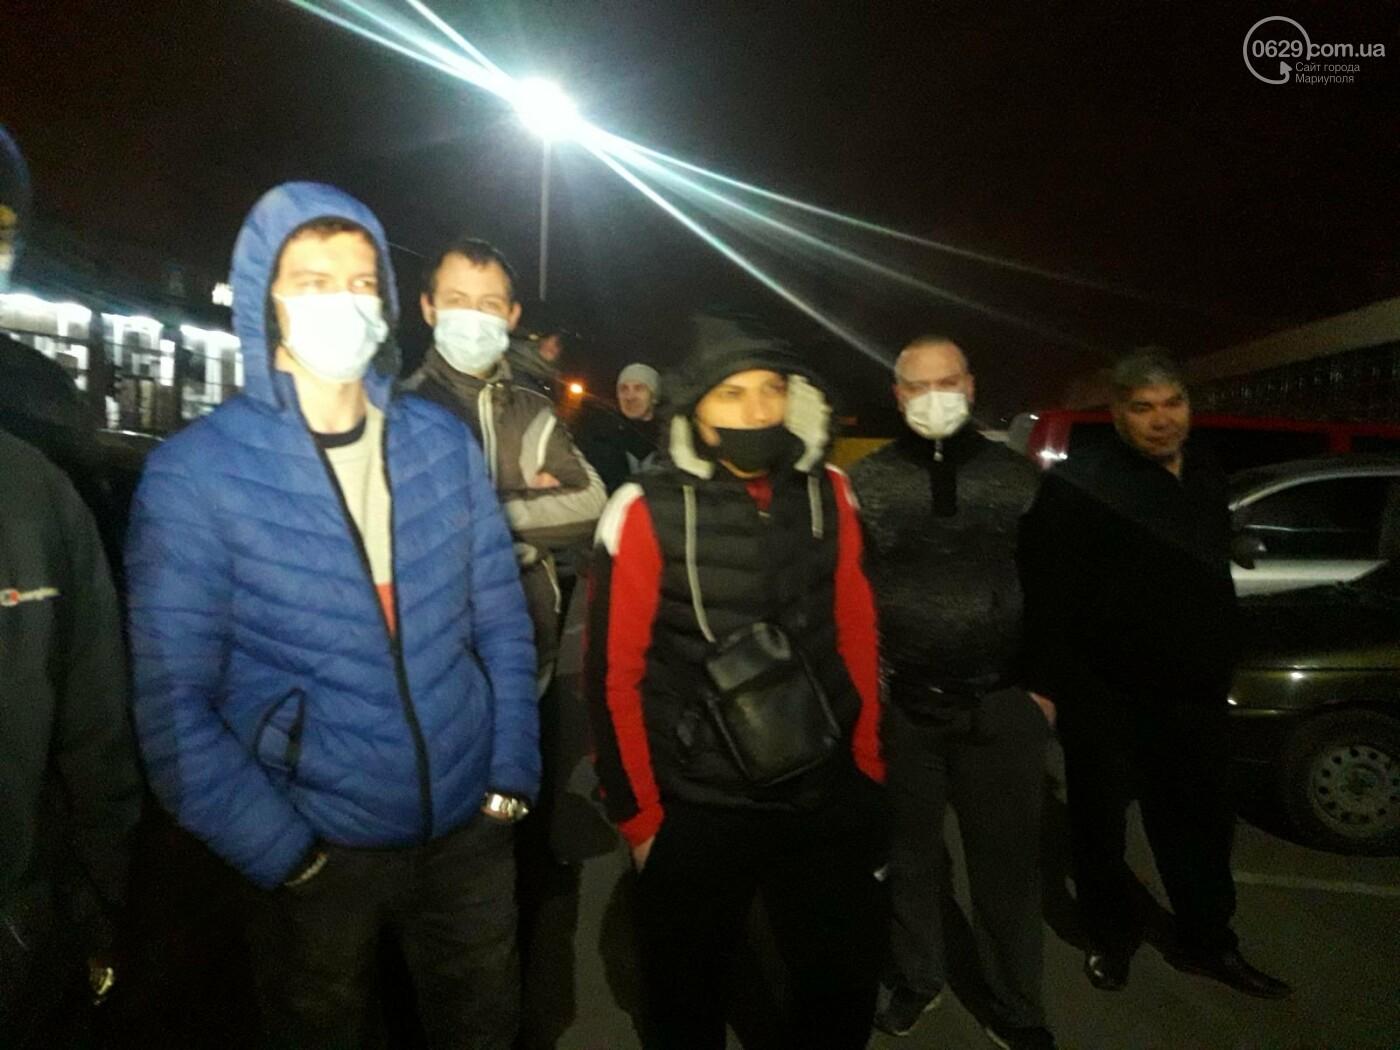 Нужно повысить тариф! В Мариуполе ночью митингуют таксисты, - ФОТО, фото-5